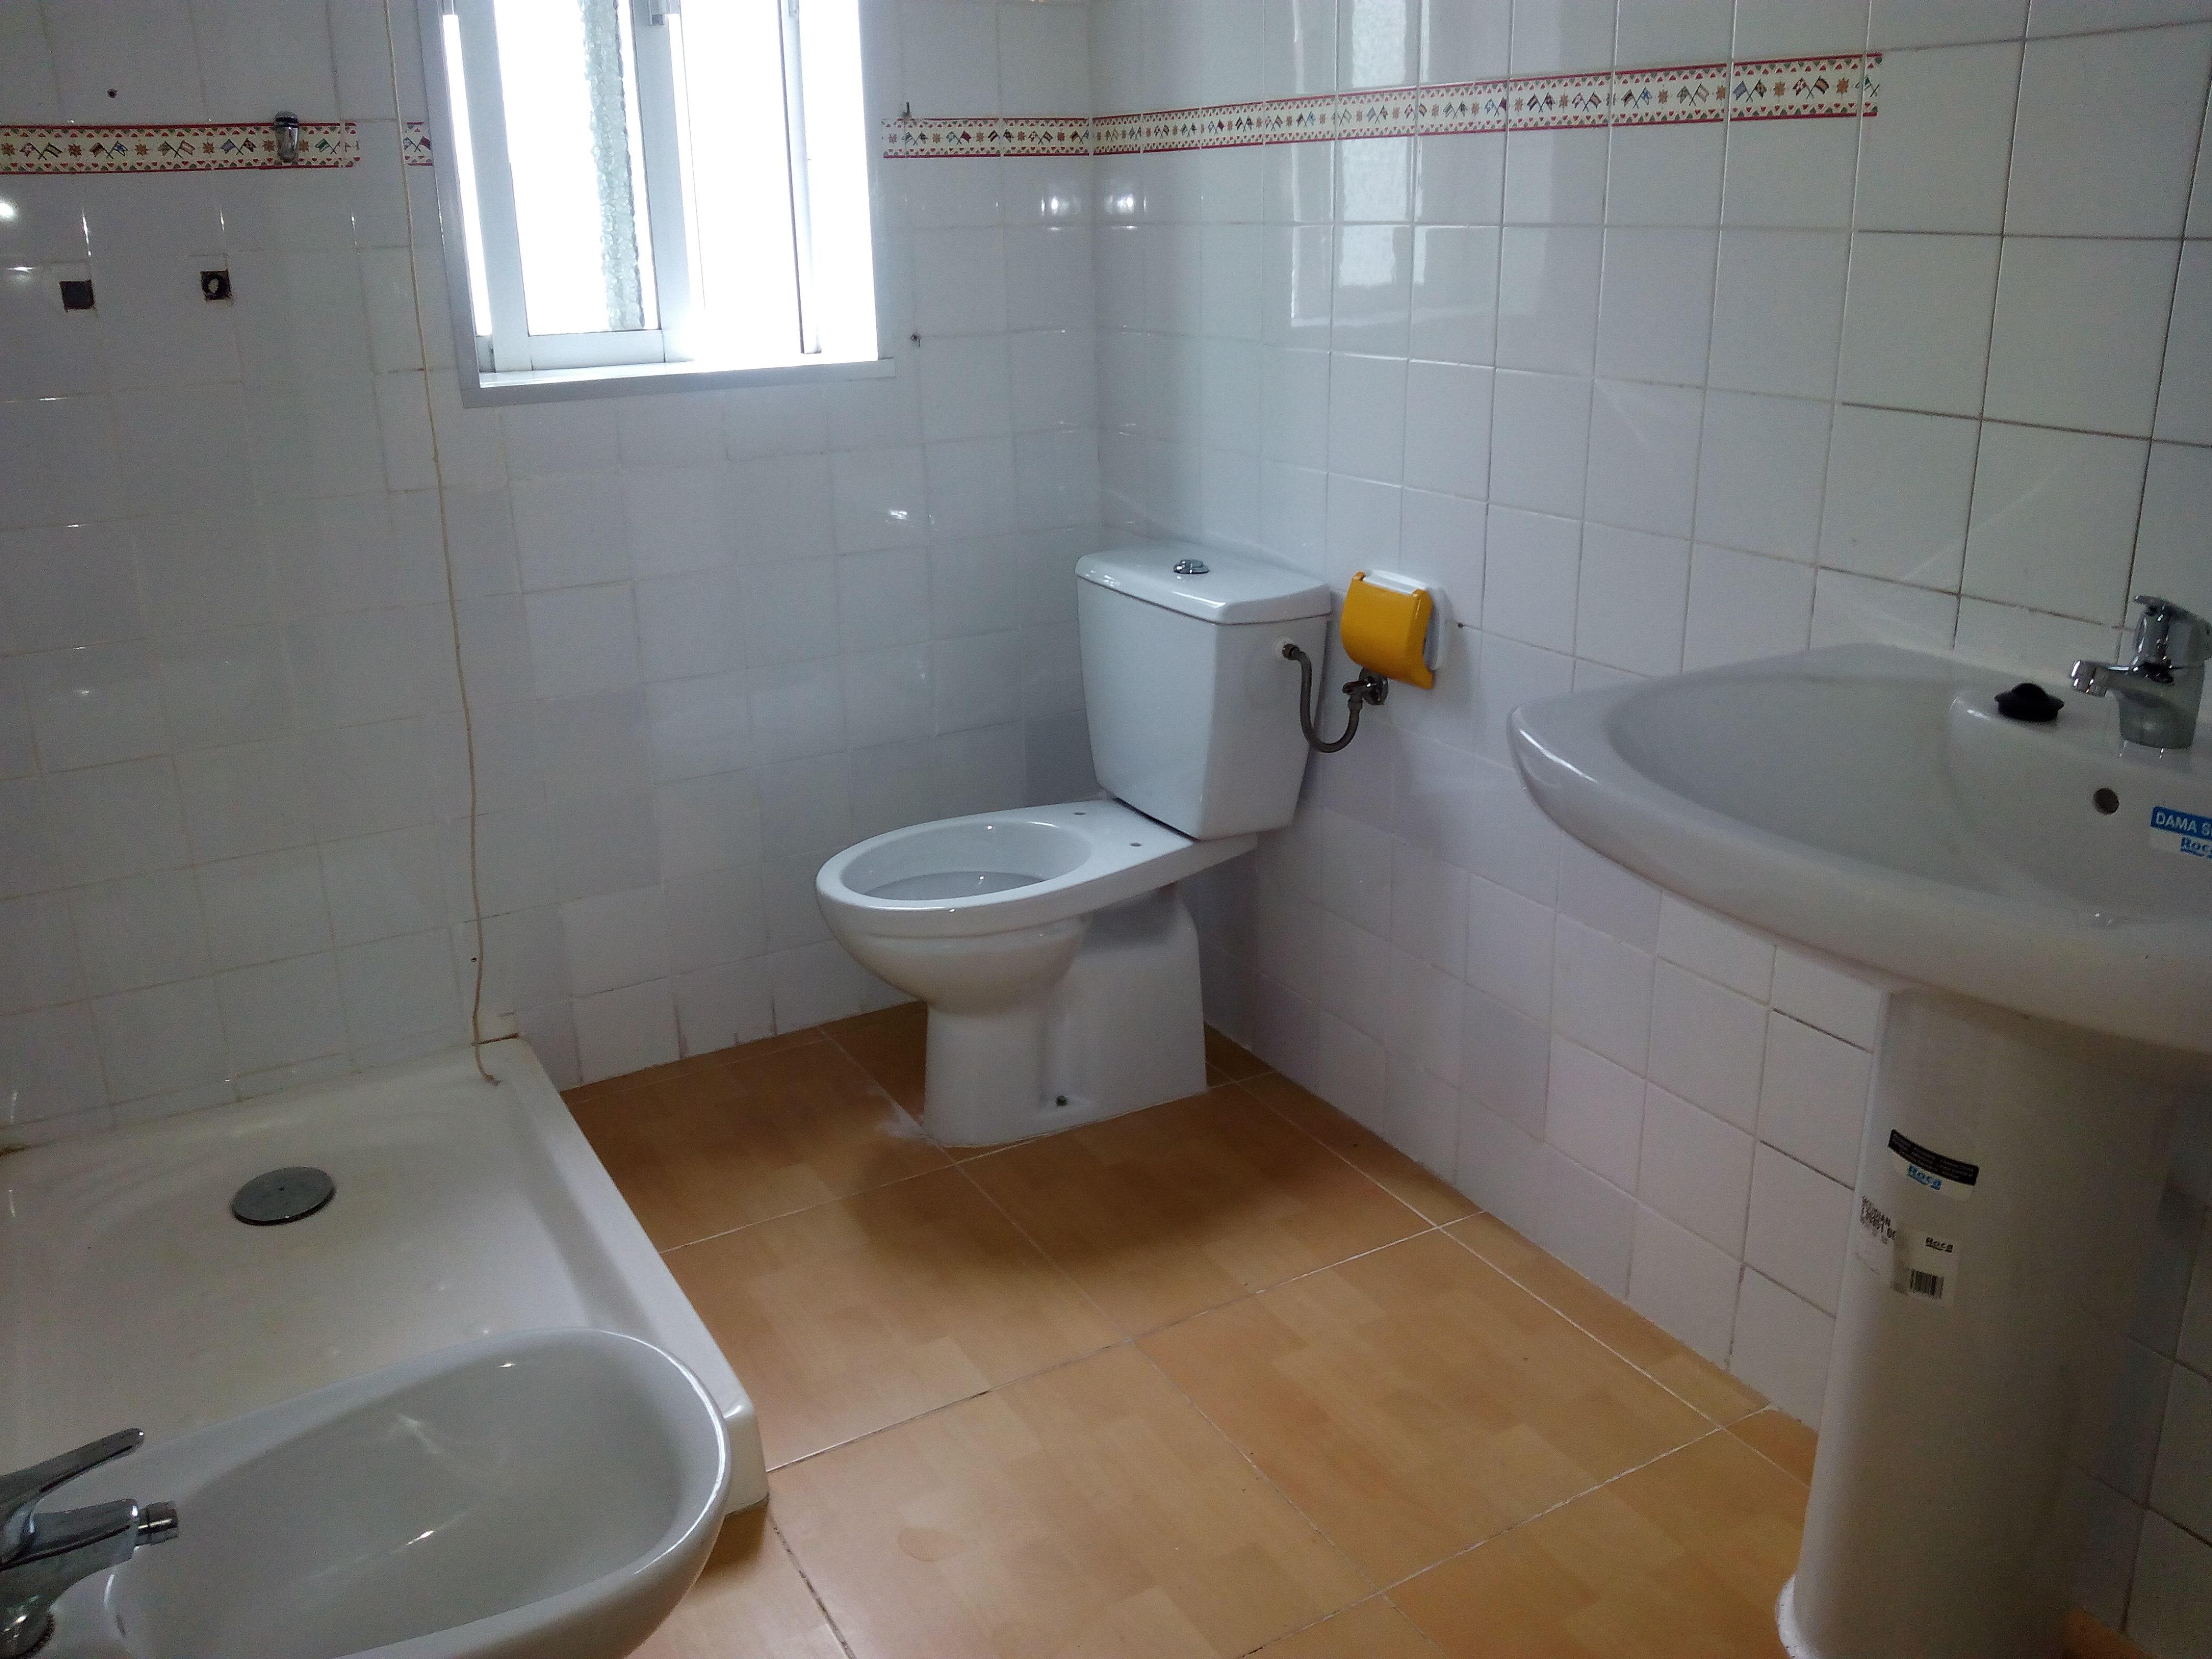 Piso en venta en Mérida, Badajoz, Calle Museo, 59.500 €, 3 habitaciones, 1 baño, 90 m2